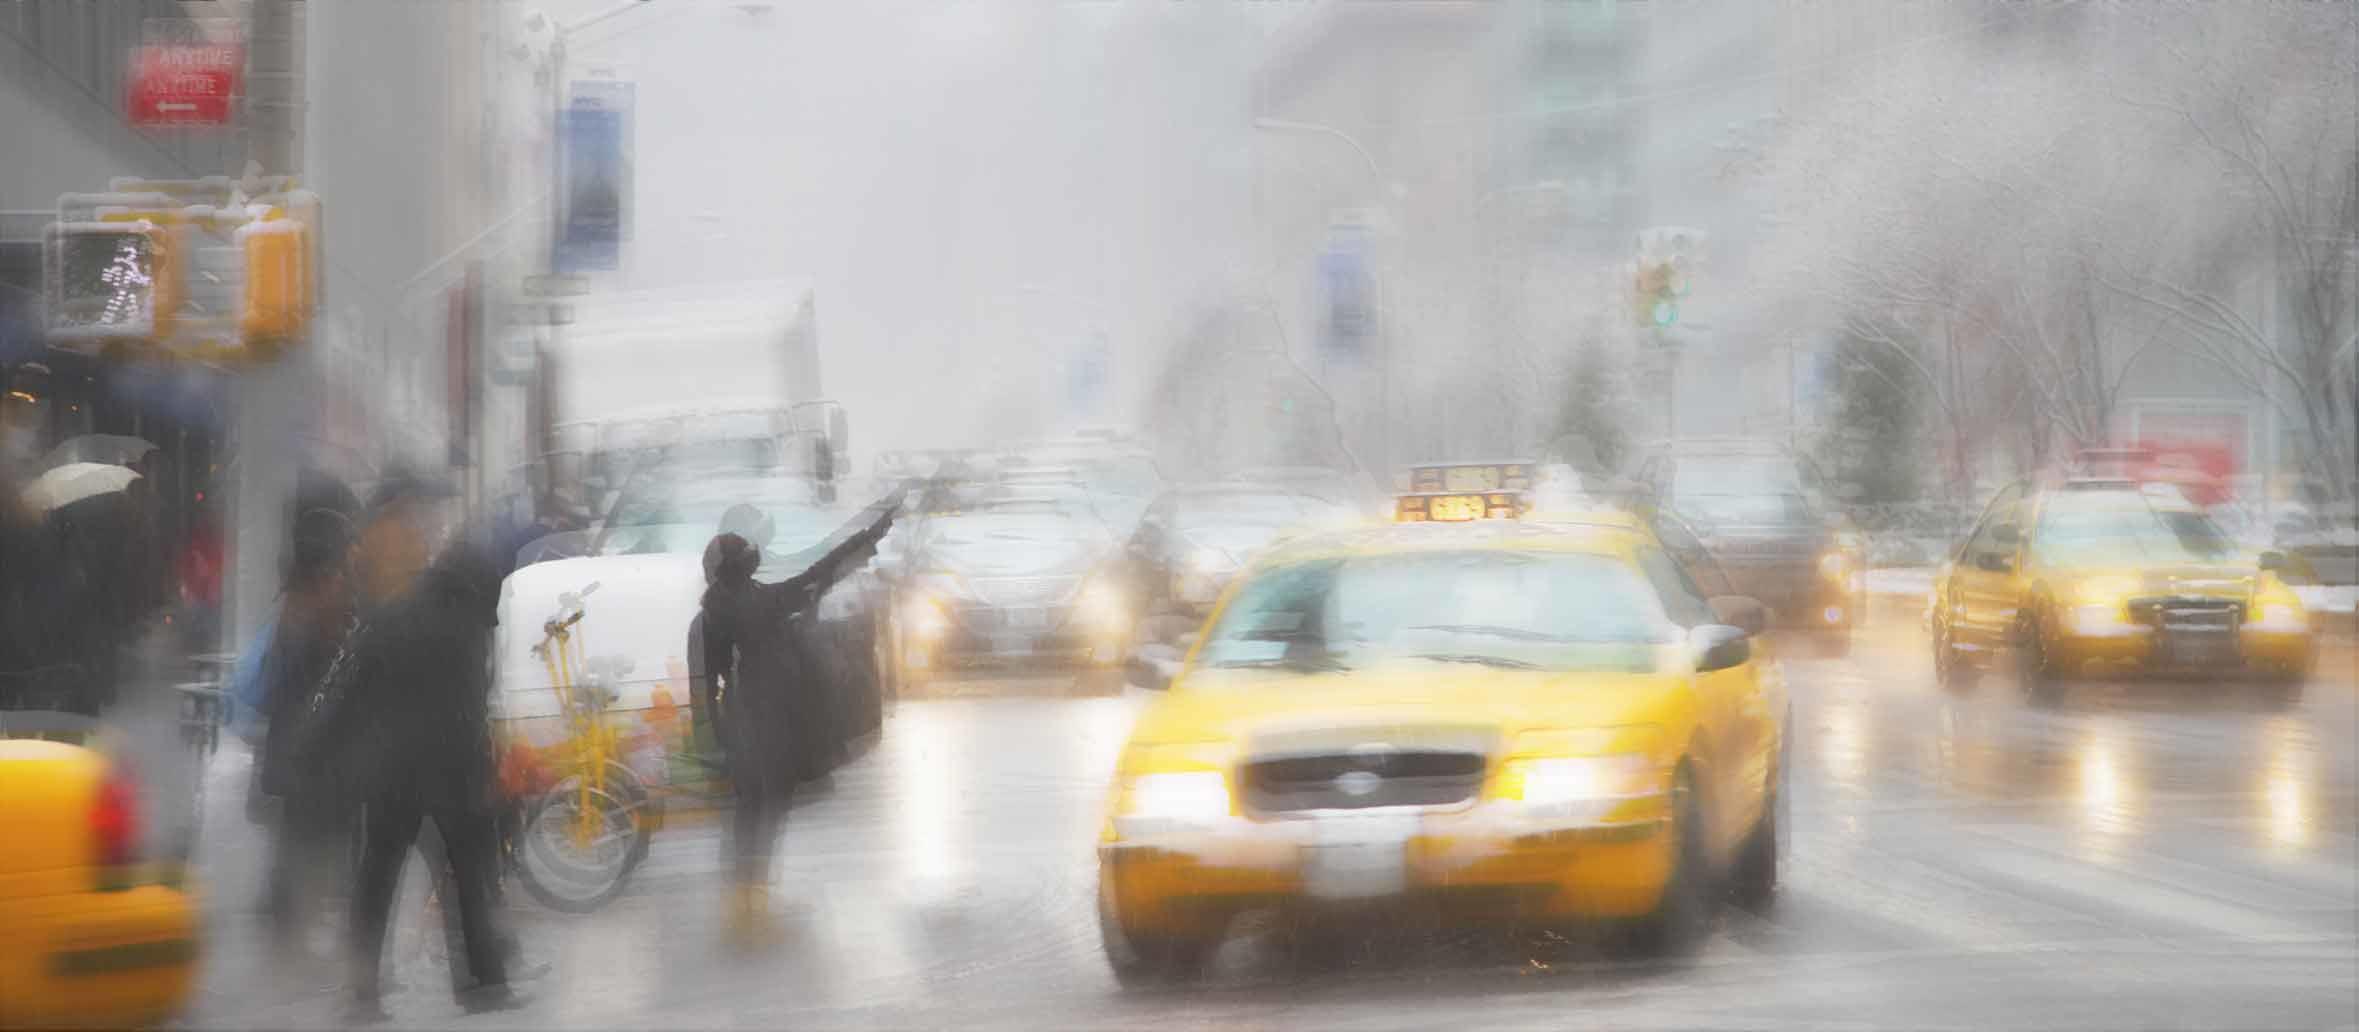 Une journée mouvementée et pluvieuse en ville